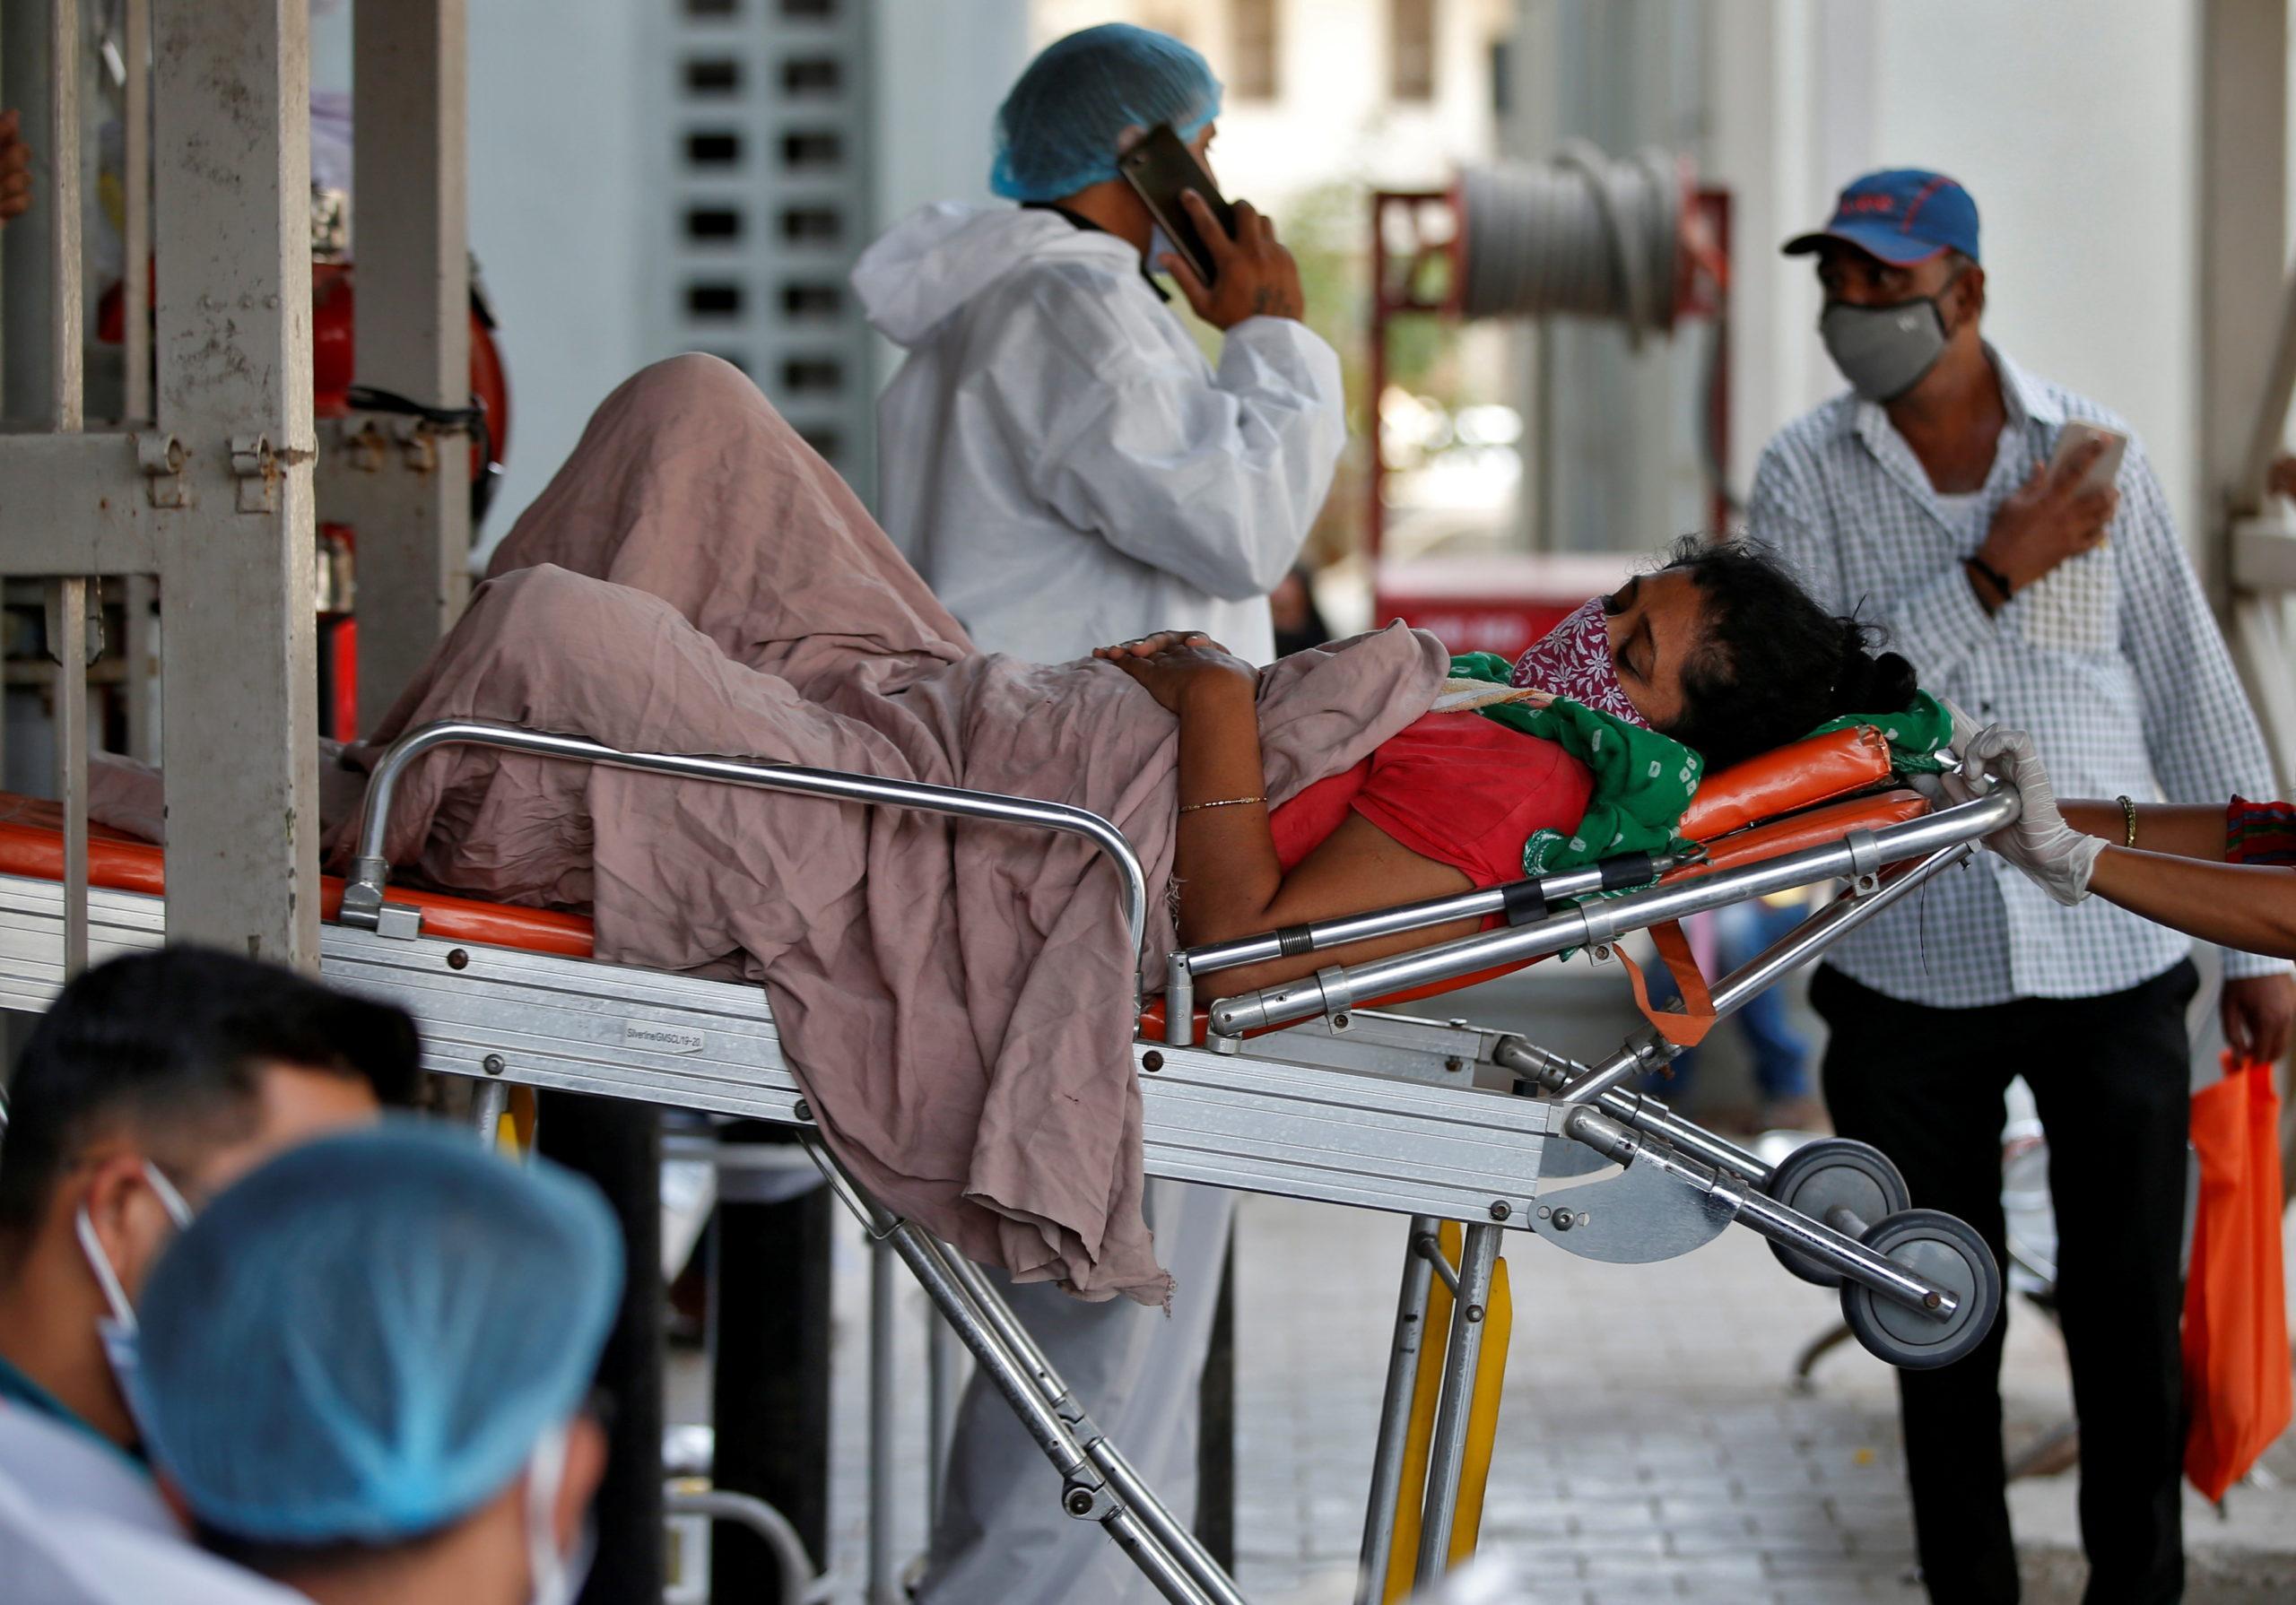 Mortes na Índia por covid-19 podem ser dez vezes superiores à contagem oficial, diz estudo